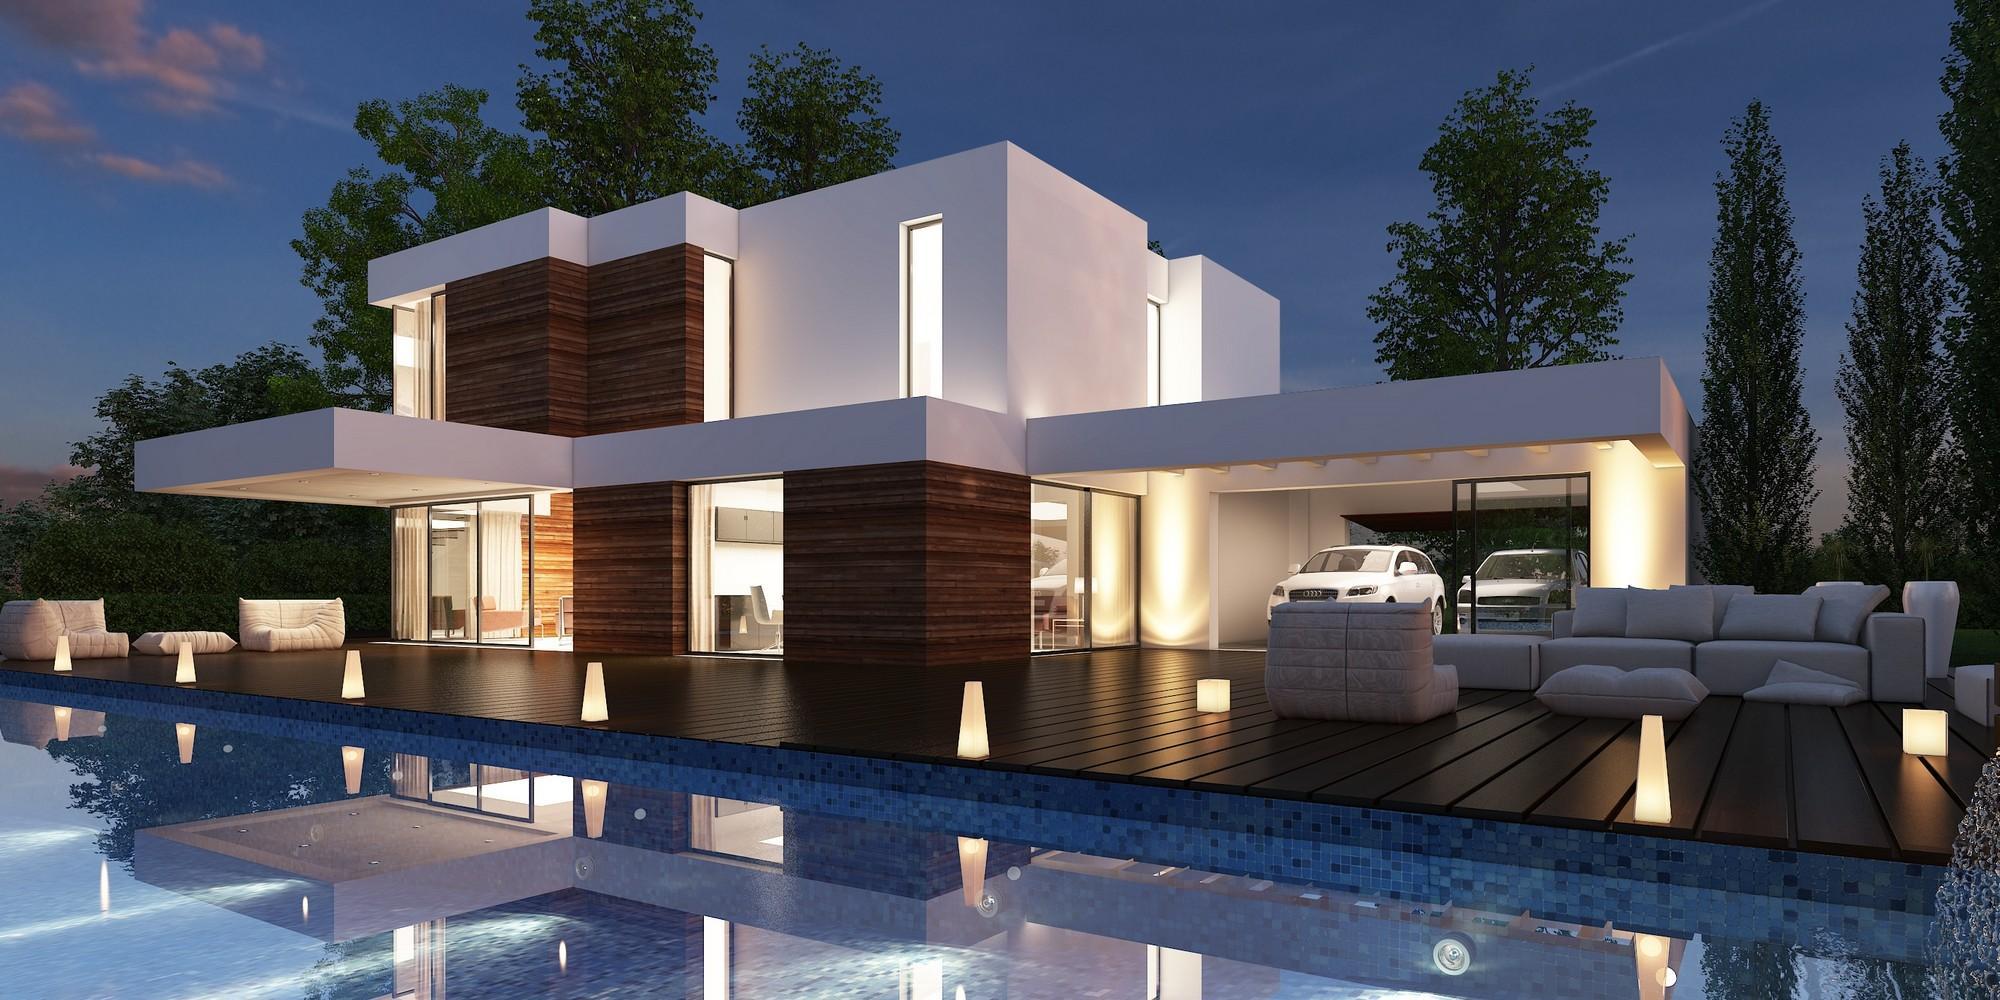 132 casas bonitas modernas fotos lindas for Casas modernas terreras